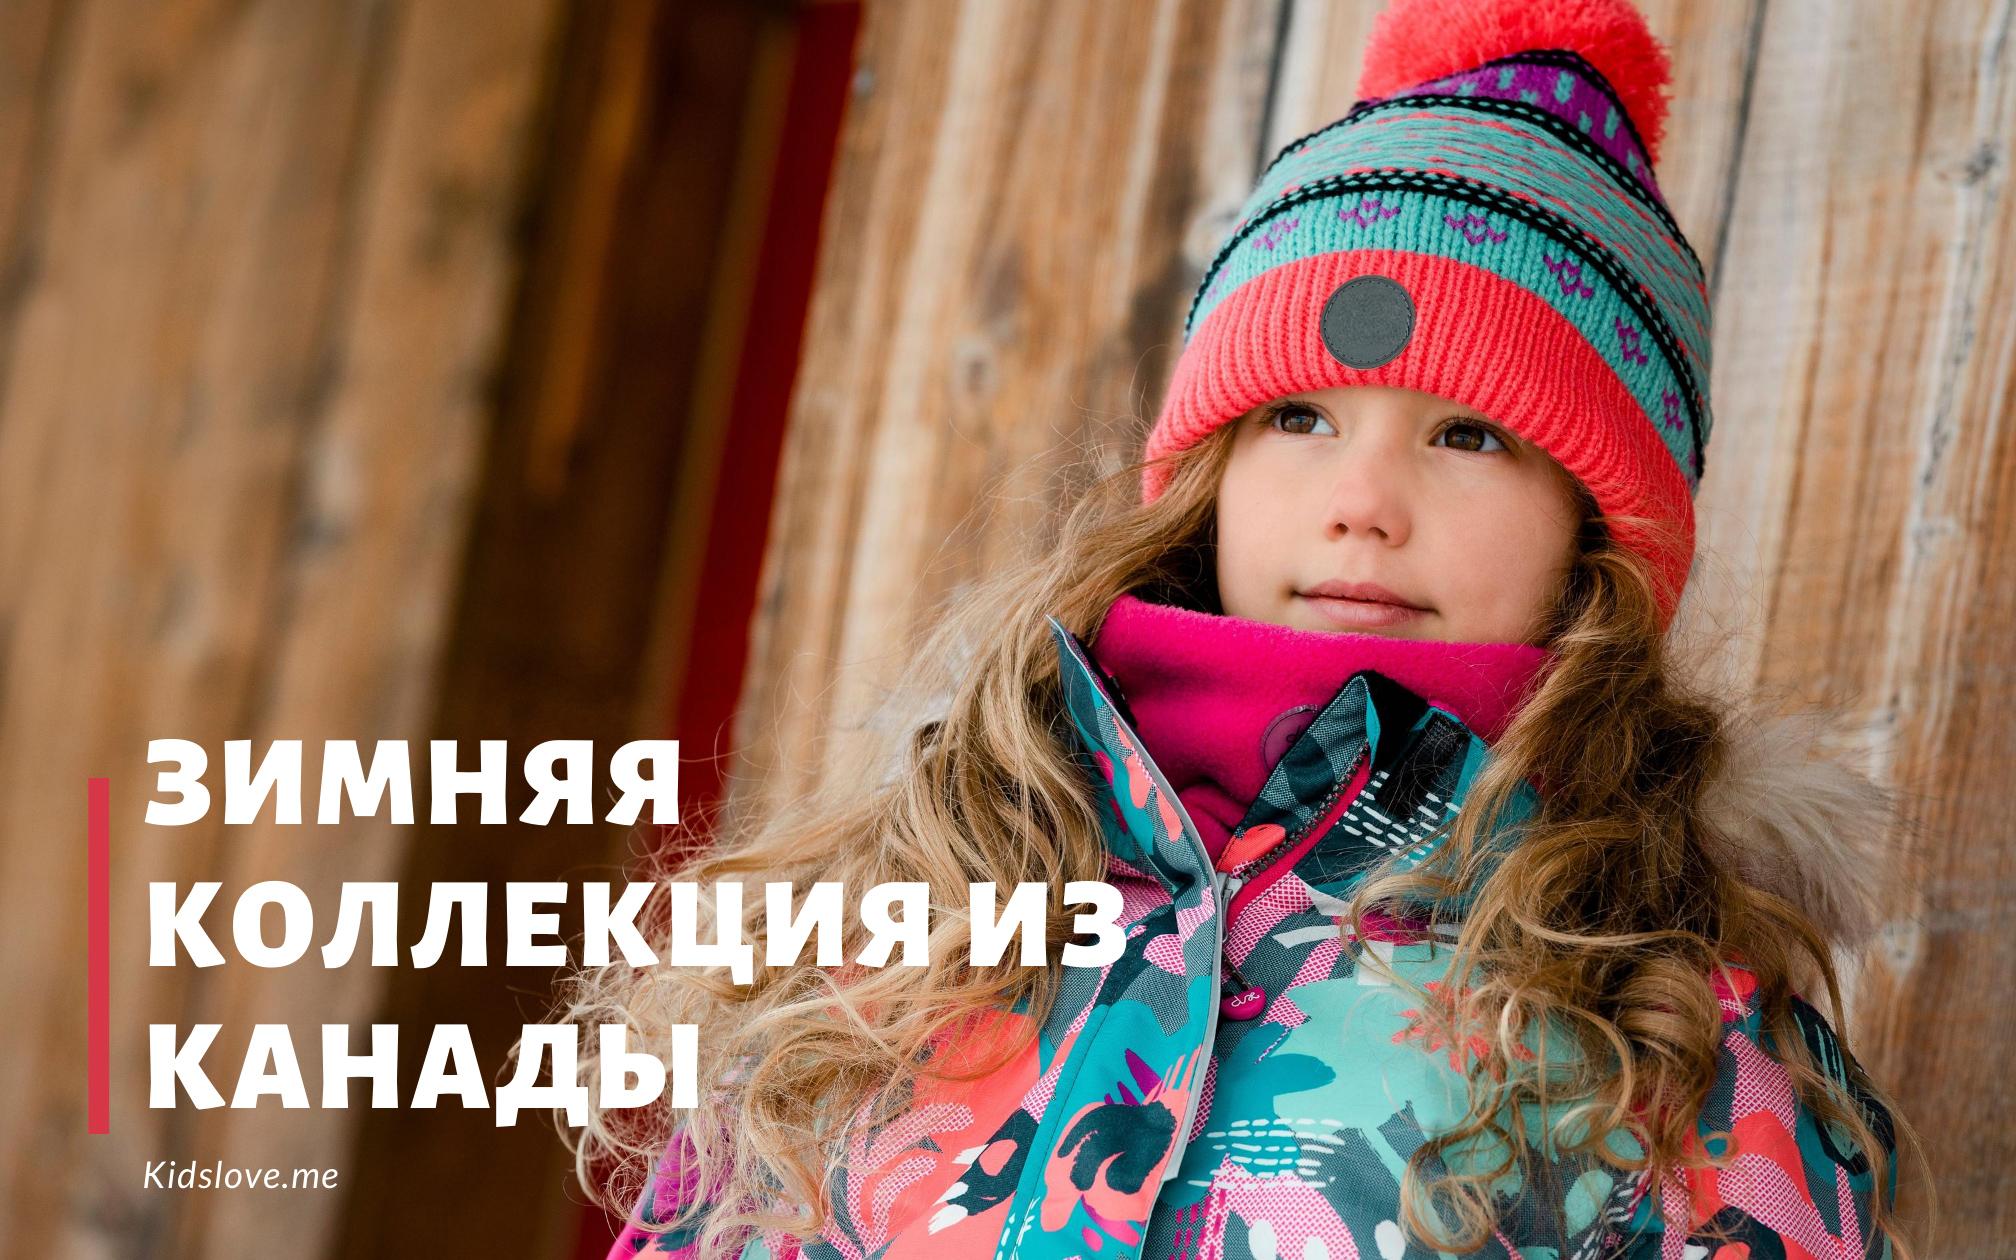 Детские зимние комбинезоны Deux par Deux 2021 W20 Зима | Официальный сайт интернет магазин Deux par Deux 2021 купить